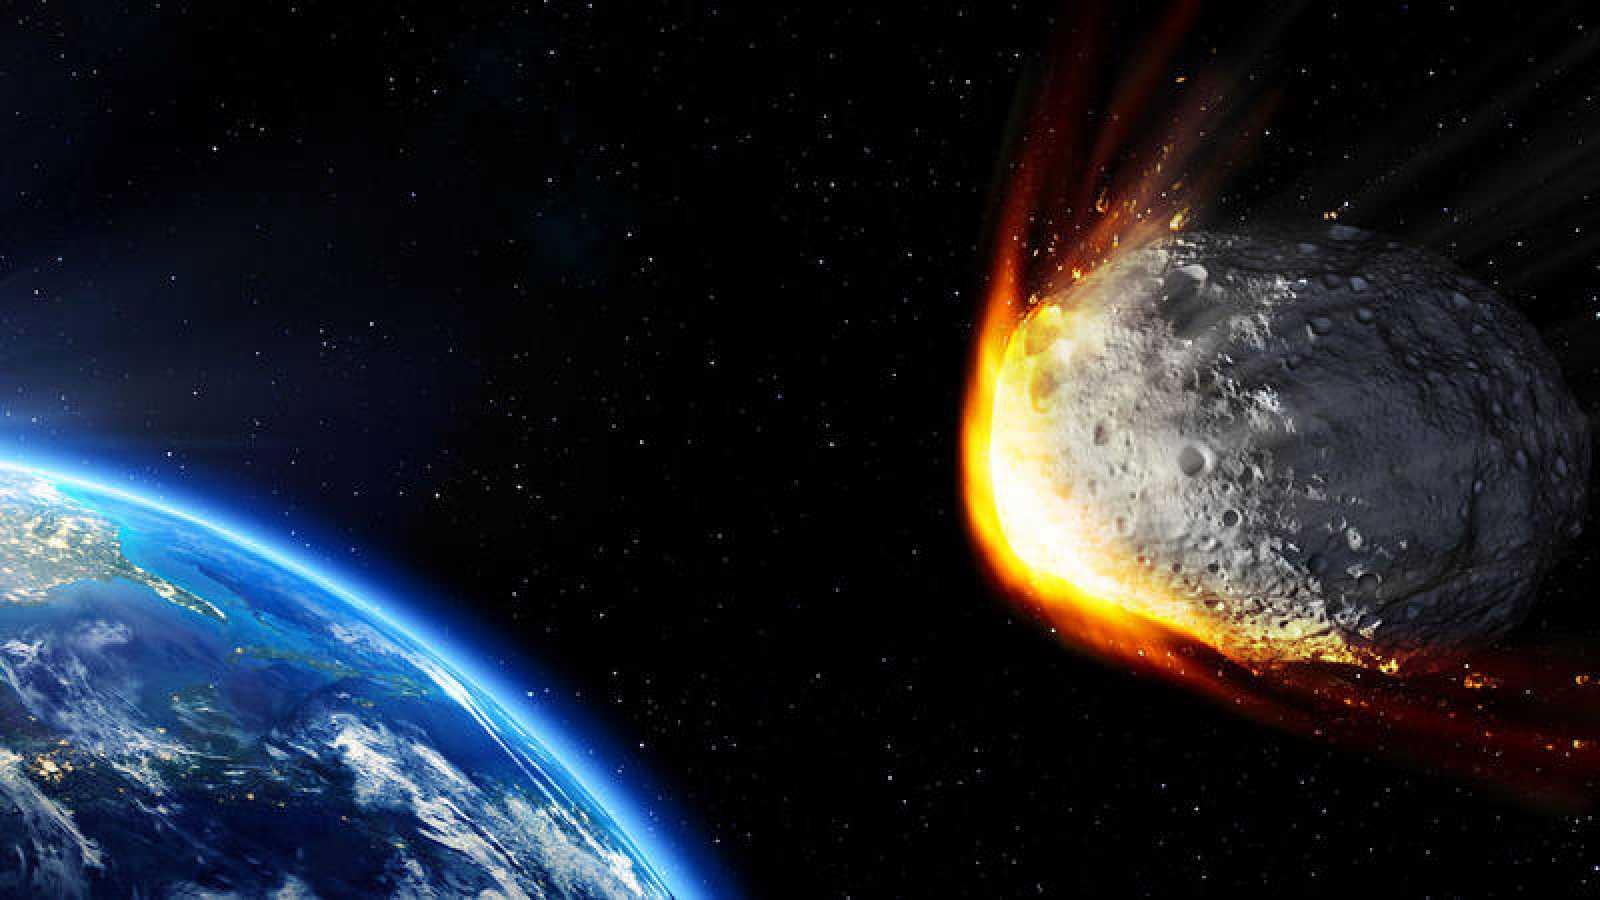 La NASA se ha centrado en encontrar objetos próximos a la Tierra cuando están más lejos, brindando la máxima cantidad de tiempo.